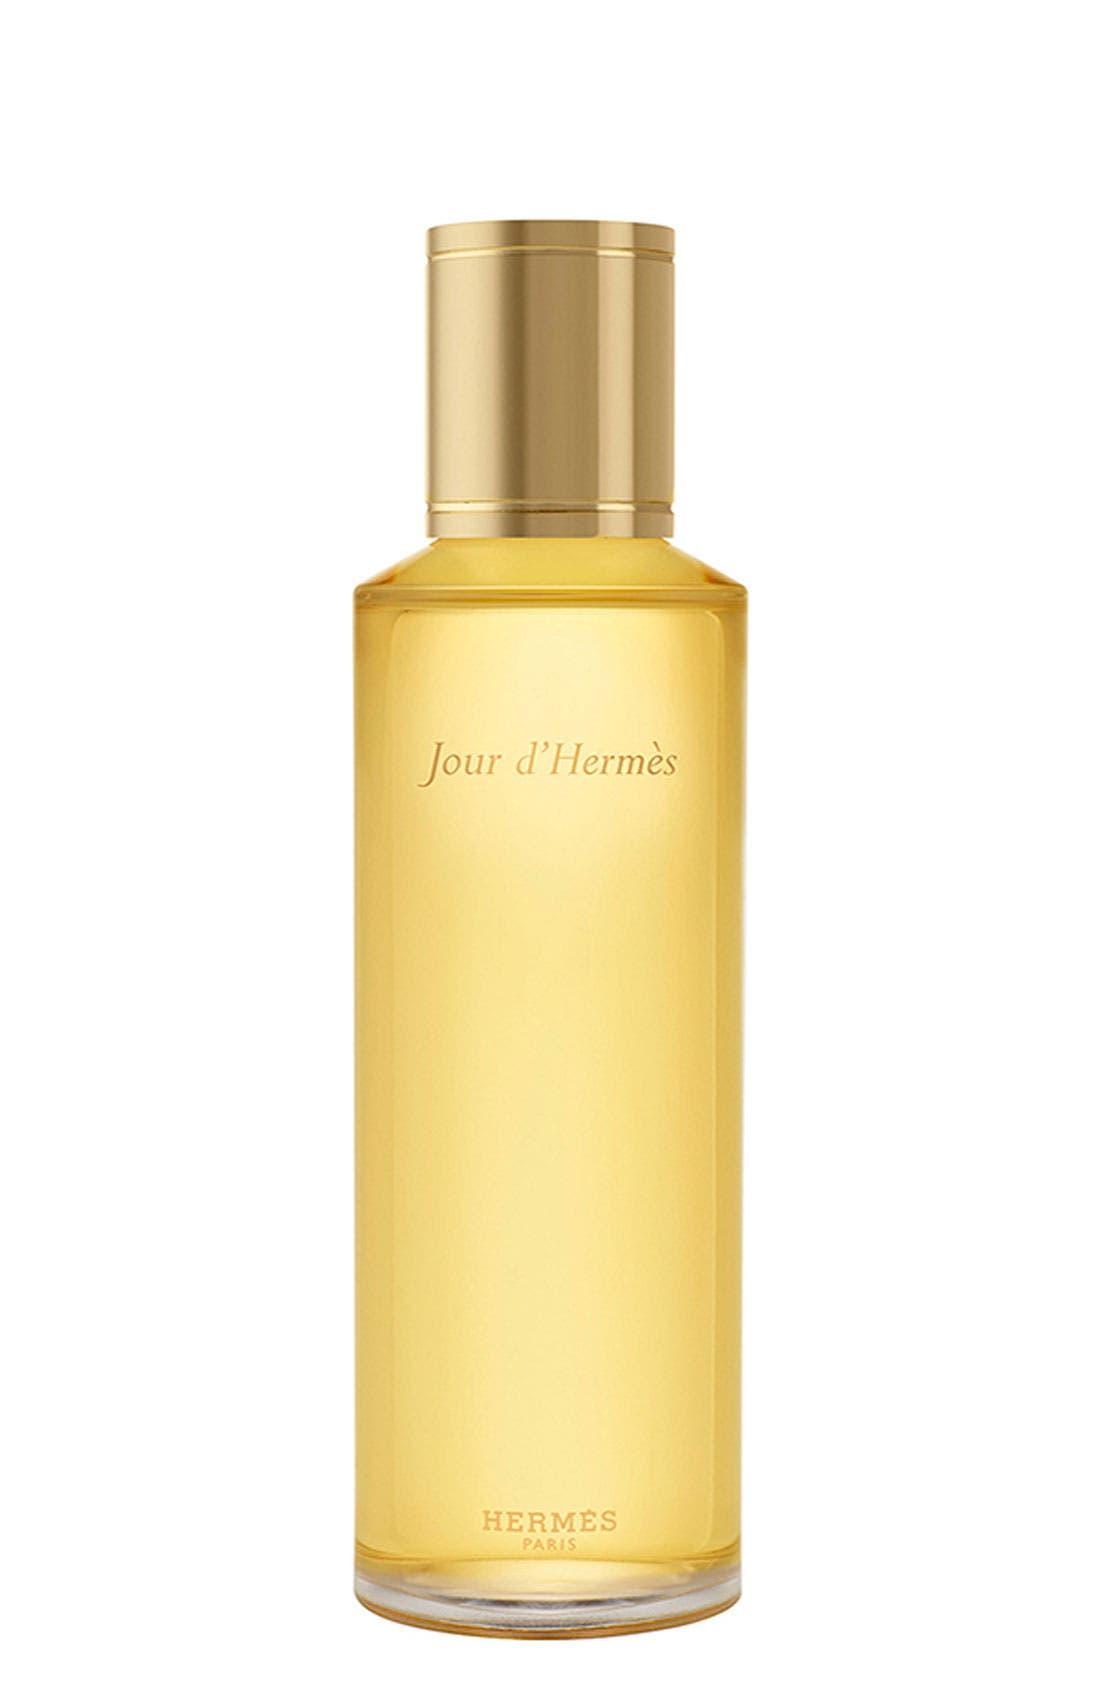 Jour d'Hermès - Eau de parfum,                         Main,                         color, NO COLOR